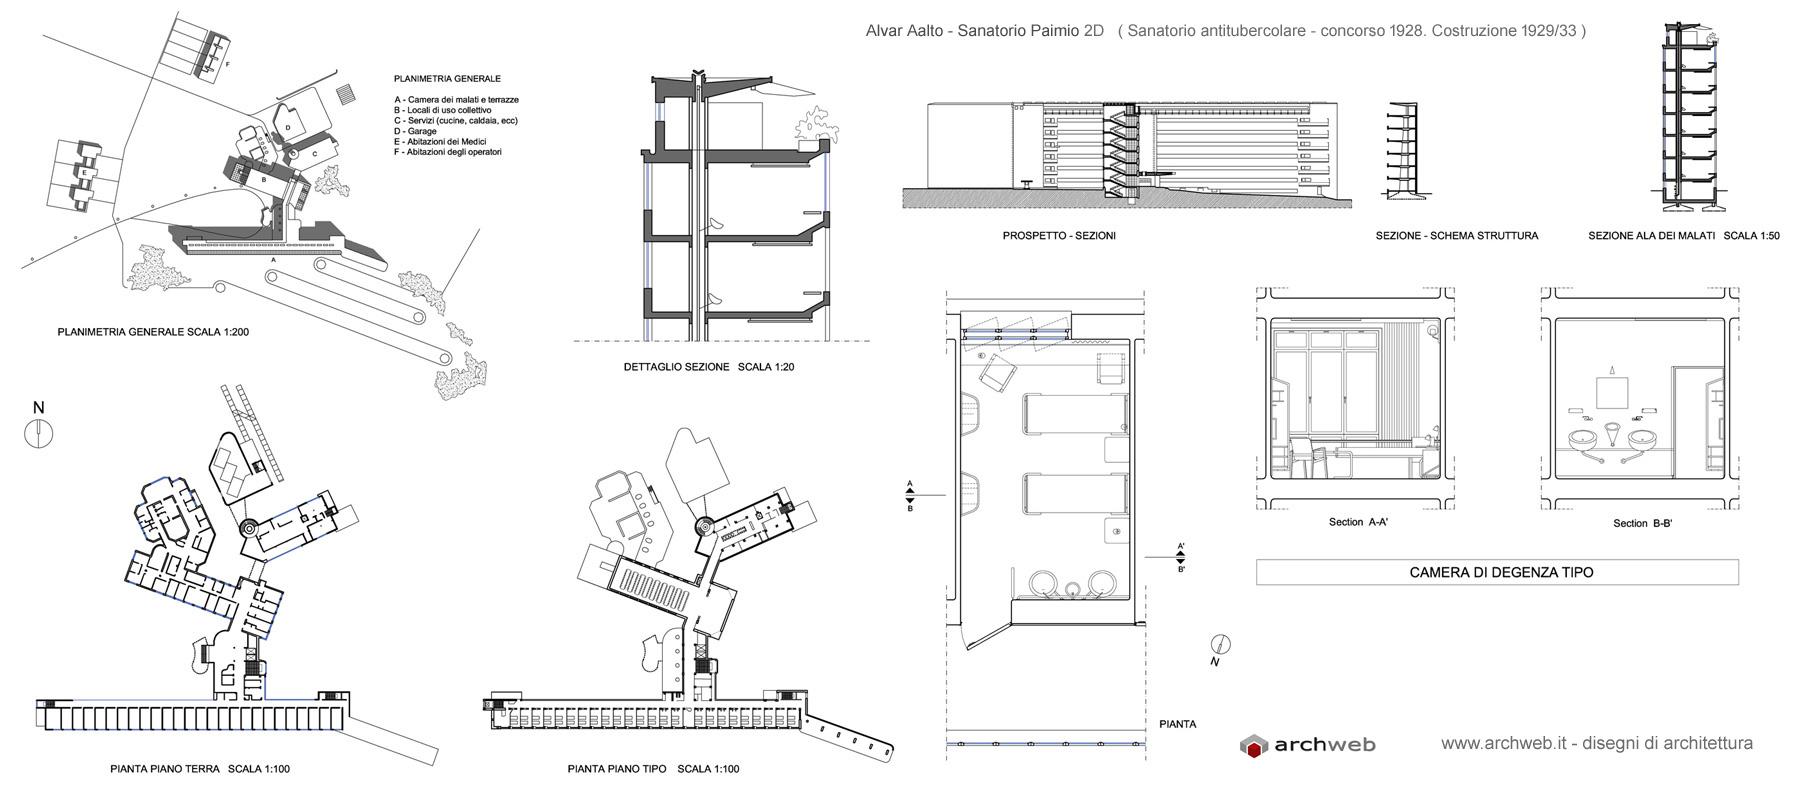 Sanatorio Paimio 2d Di Alvar Aalto Dwg